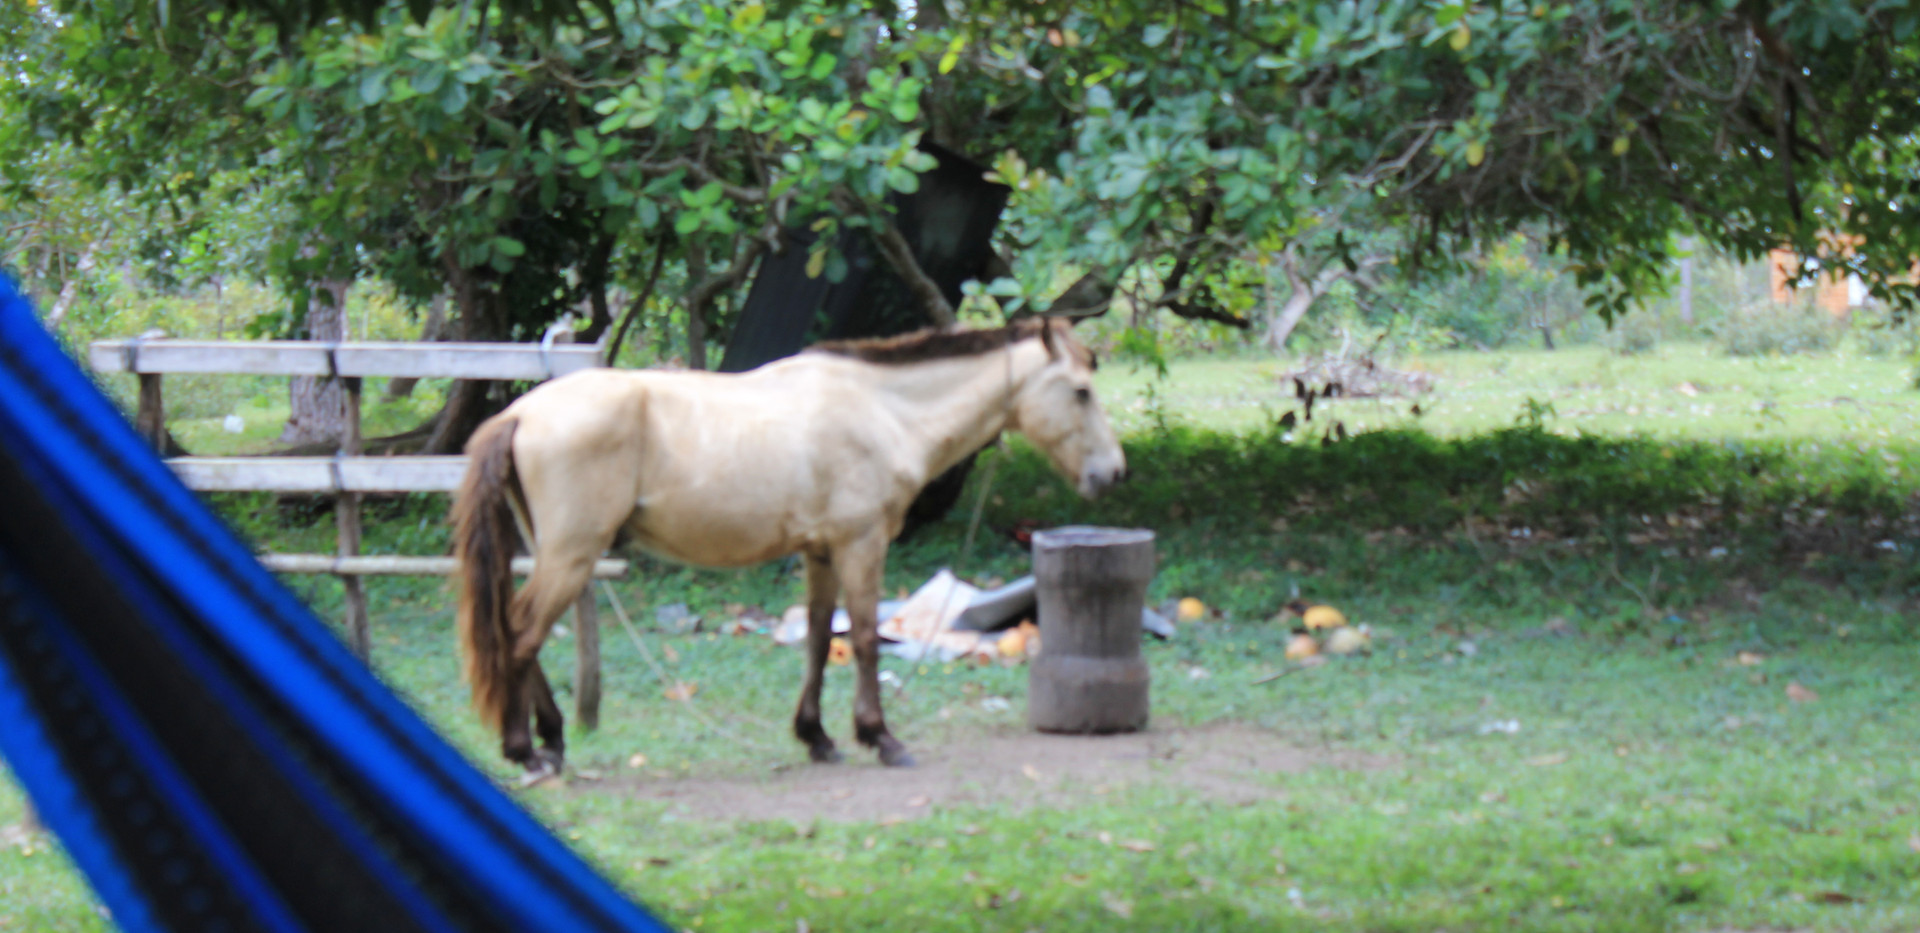 Flash the amazing horse